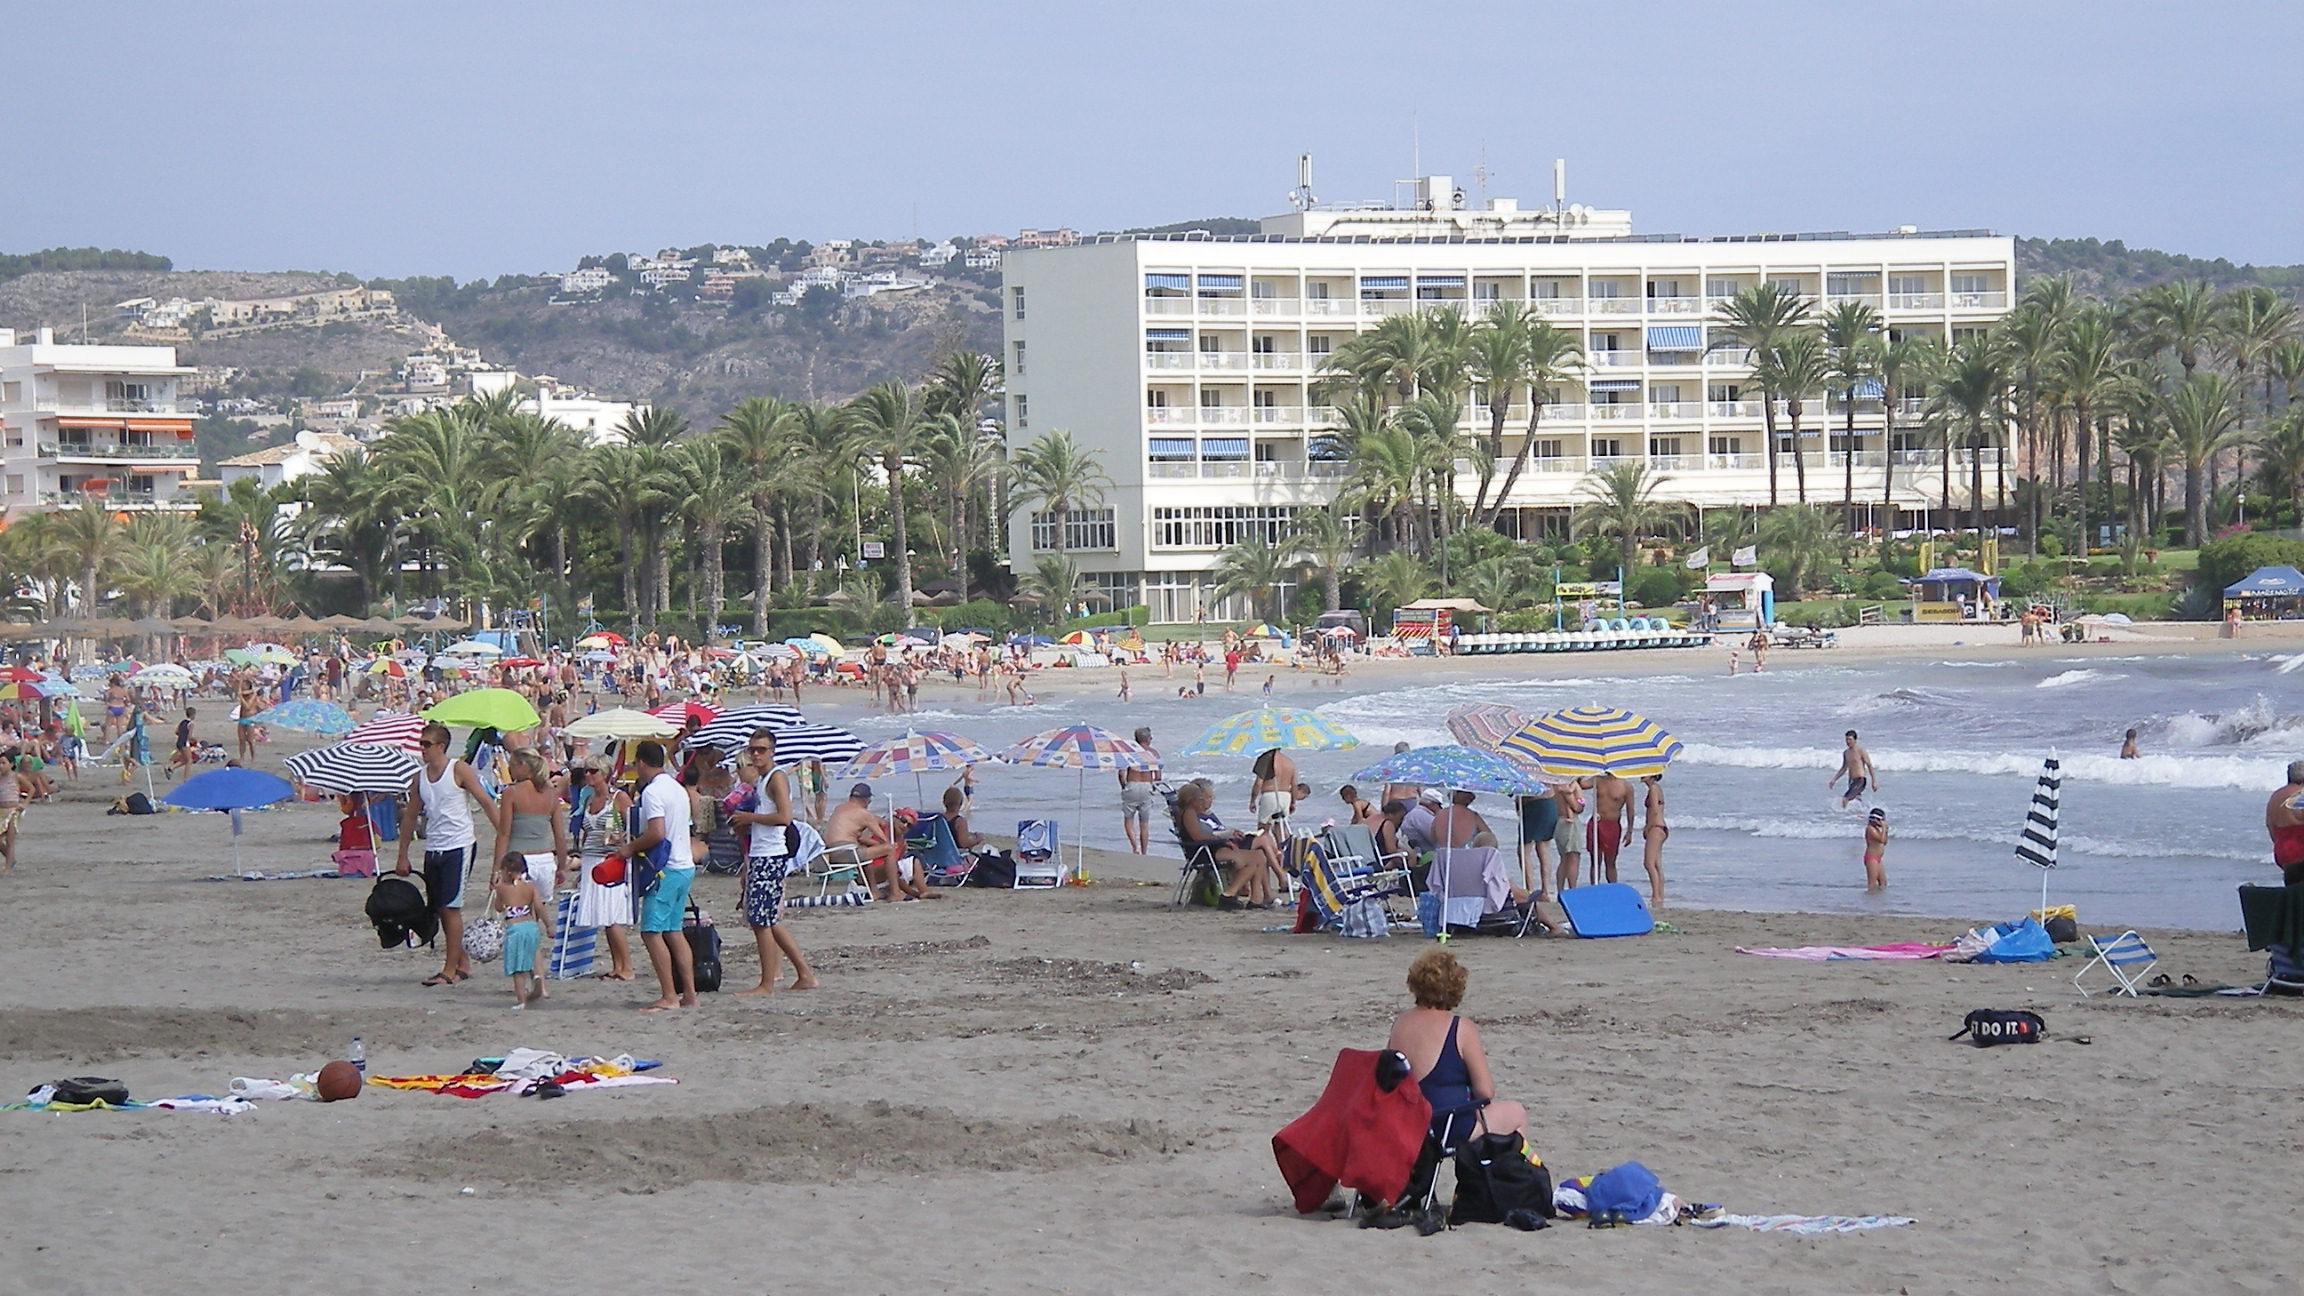 Playa vacaciones oferta apartamentos en javea - Apartamentos playa baratos vacaciones ...